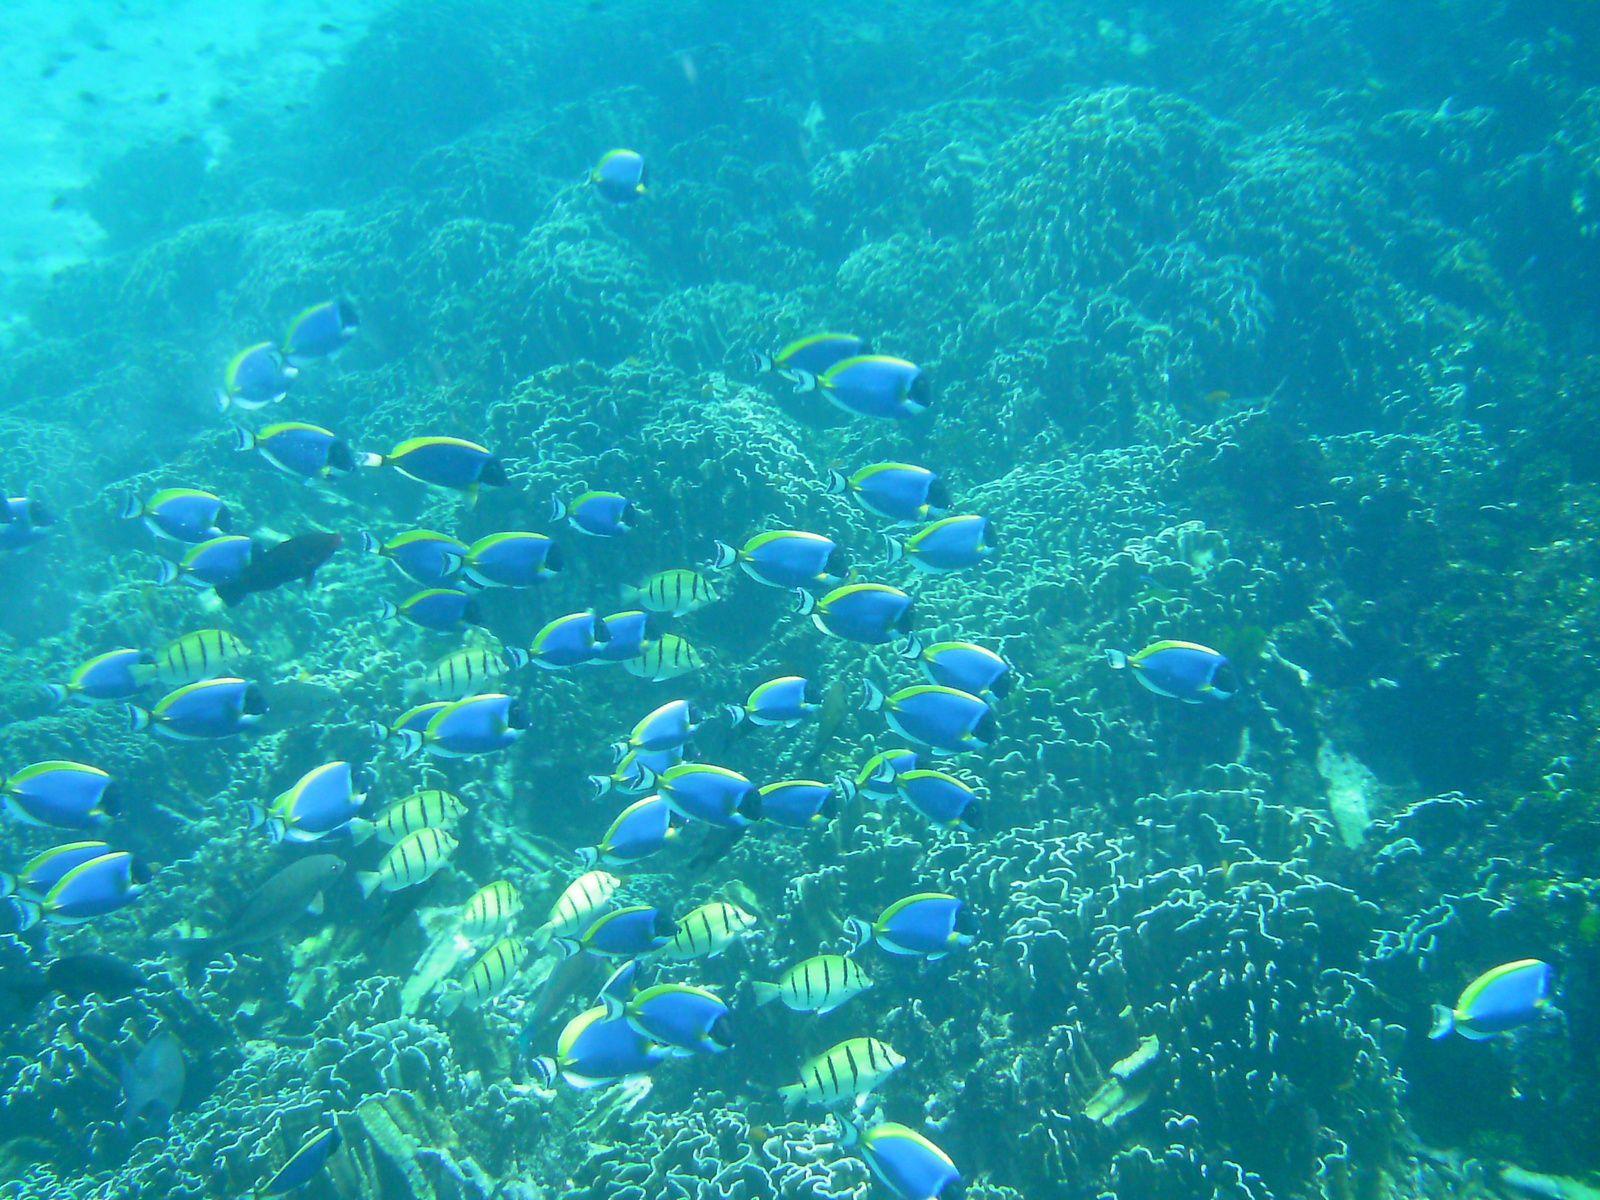 Warum Reisen? Wegen der Unterwasser-Welt!